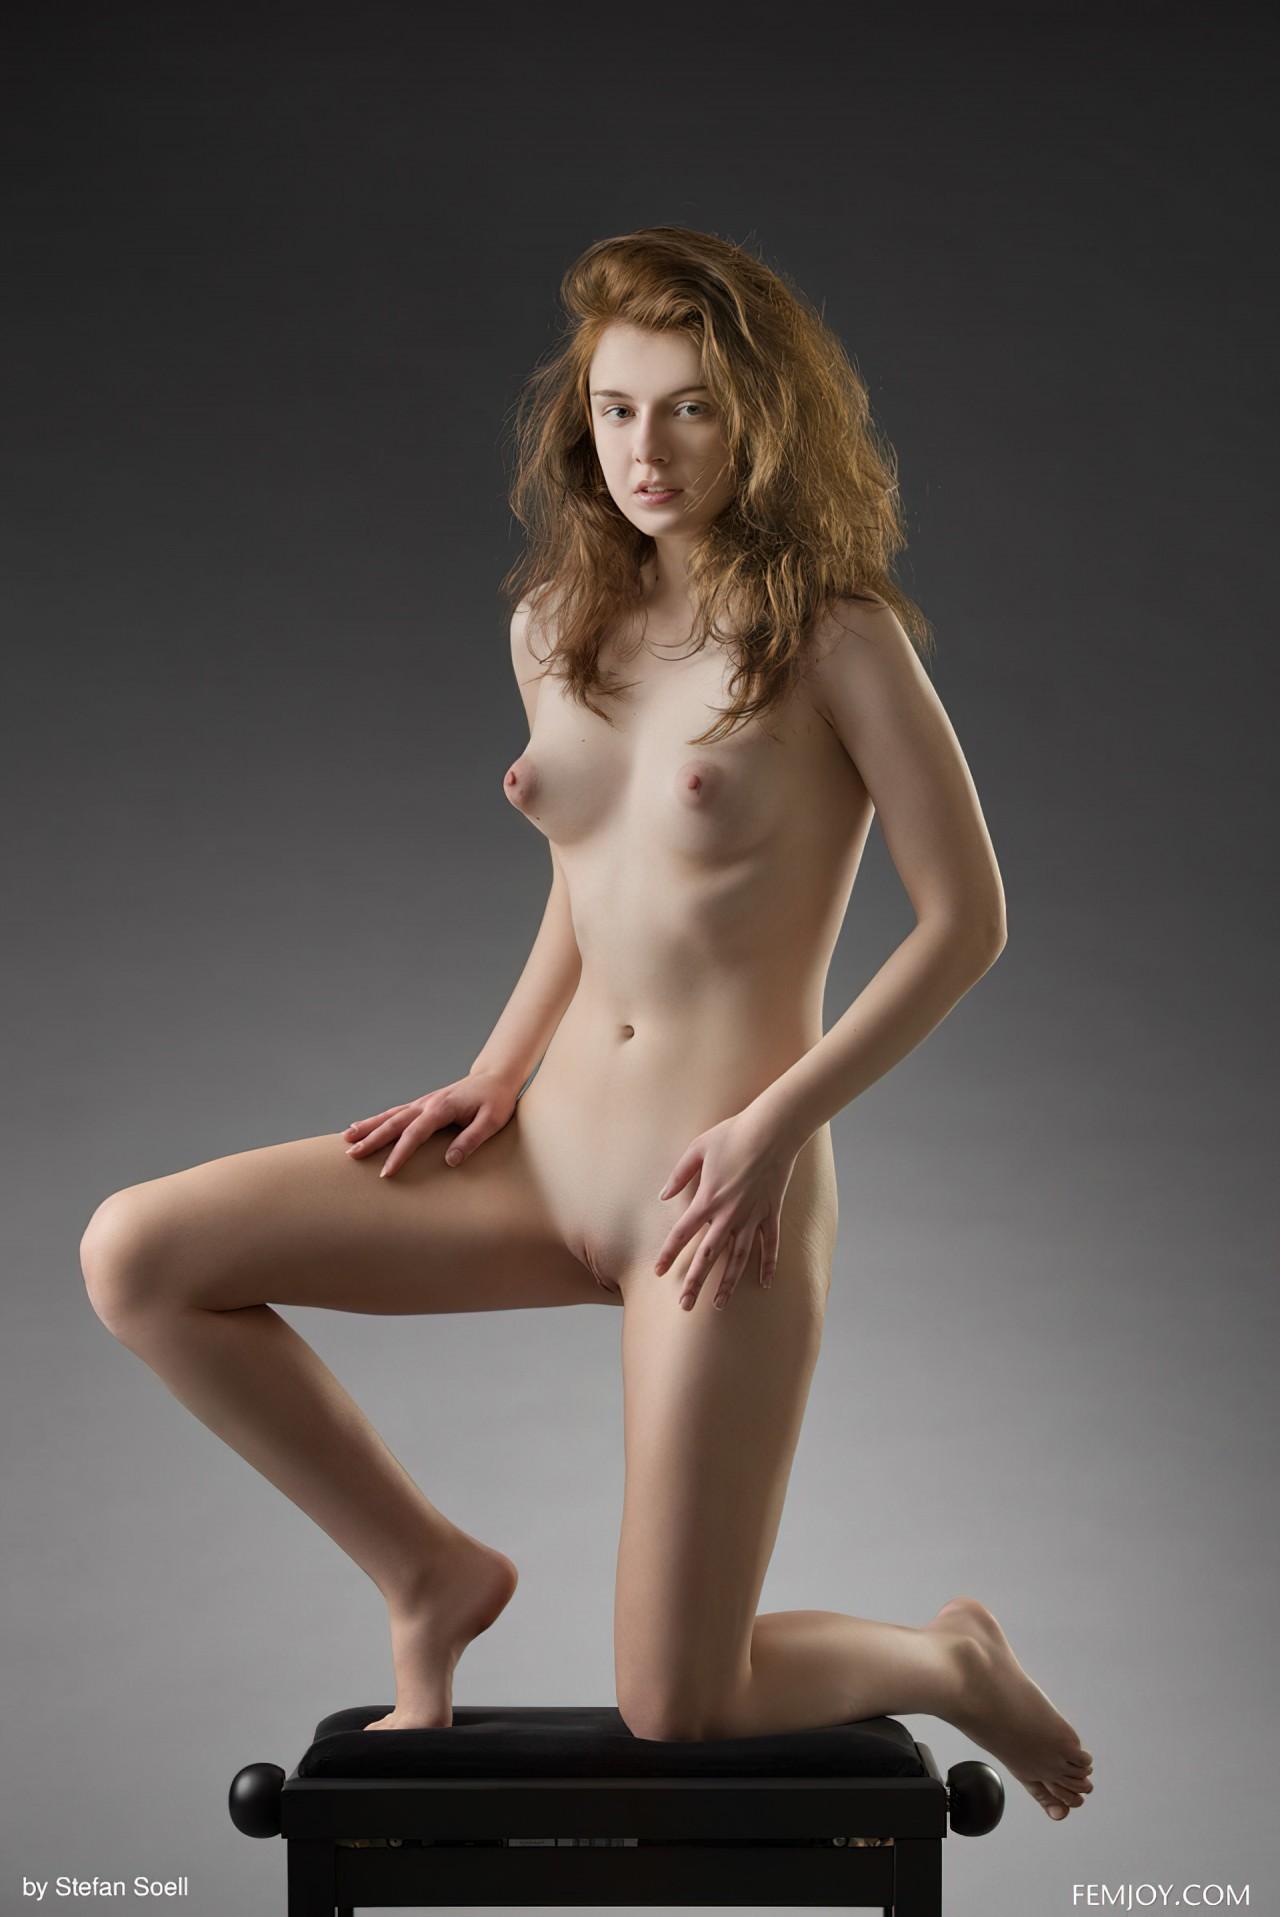 Ruiva Linda (9)